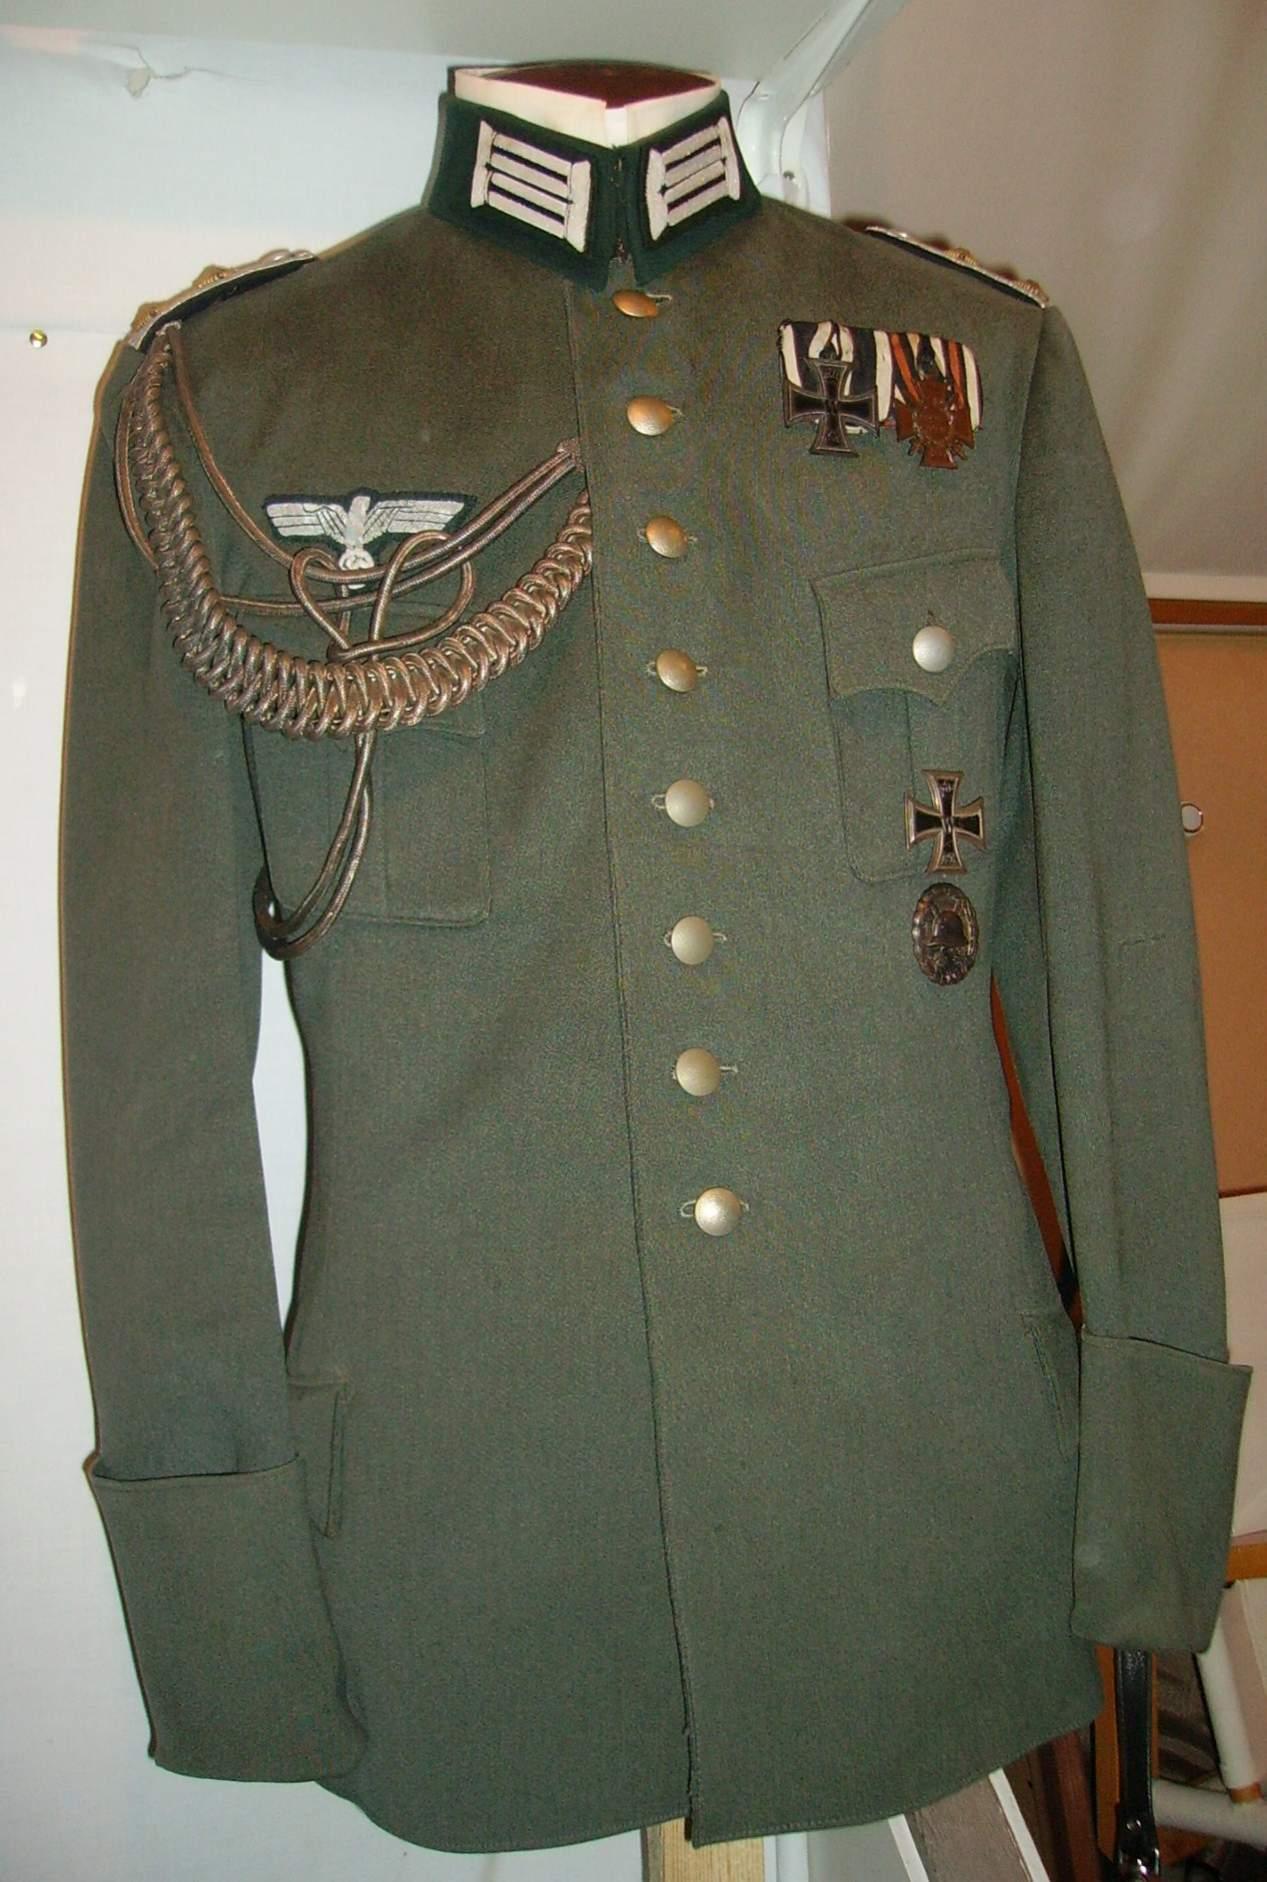 Original general uniform